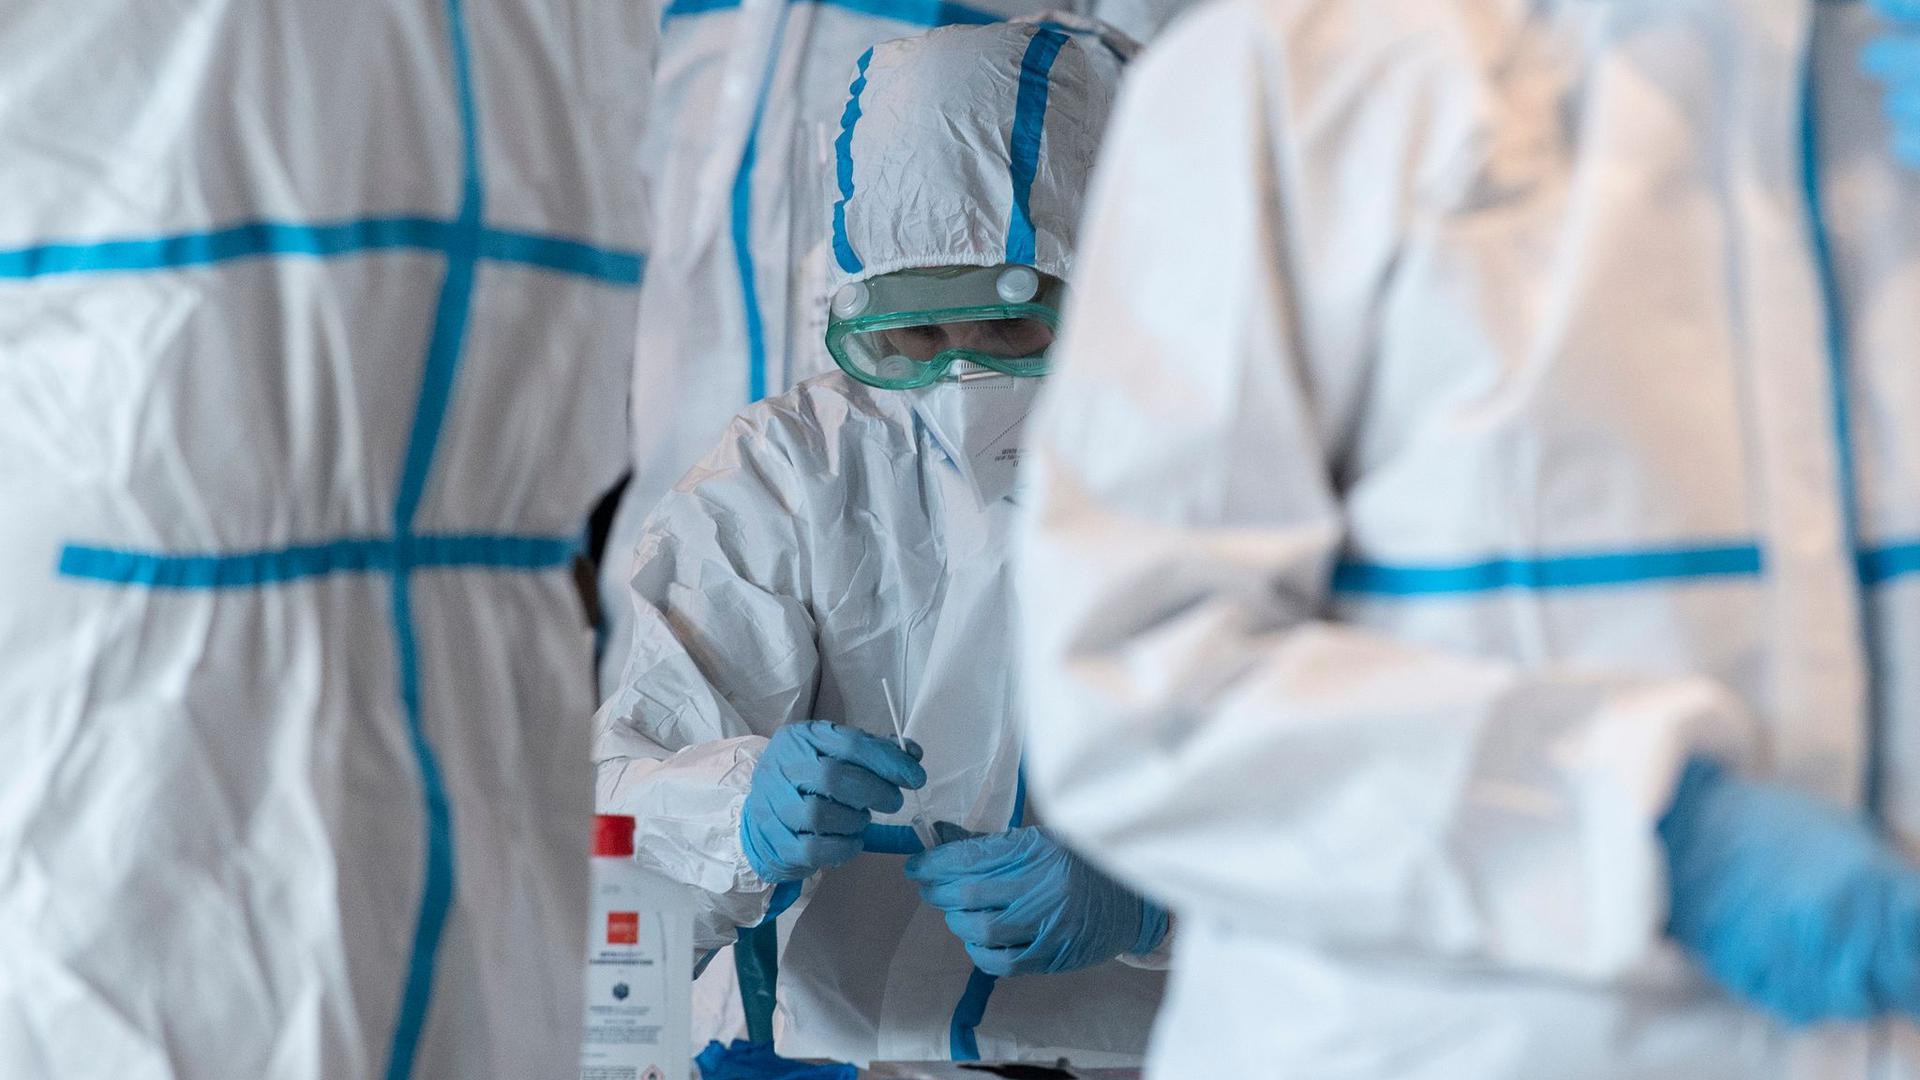 Mitarbeiter mit Schutzanzügen in einem Corona-Testzentrum.